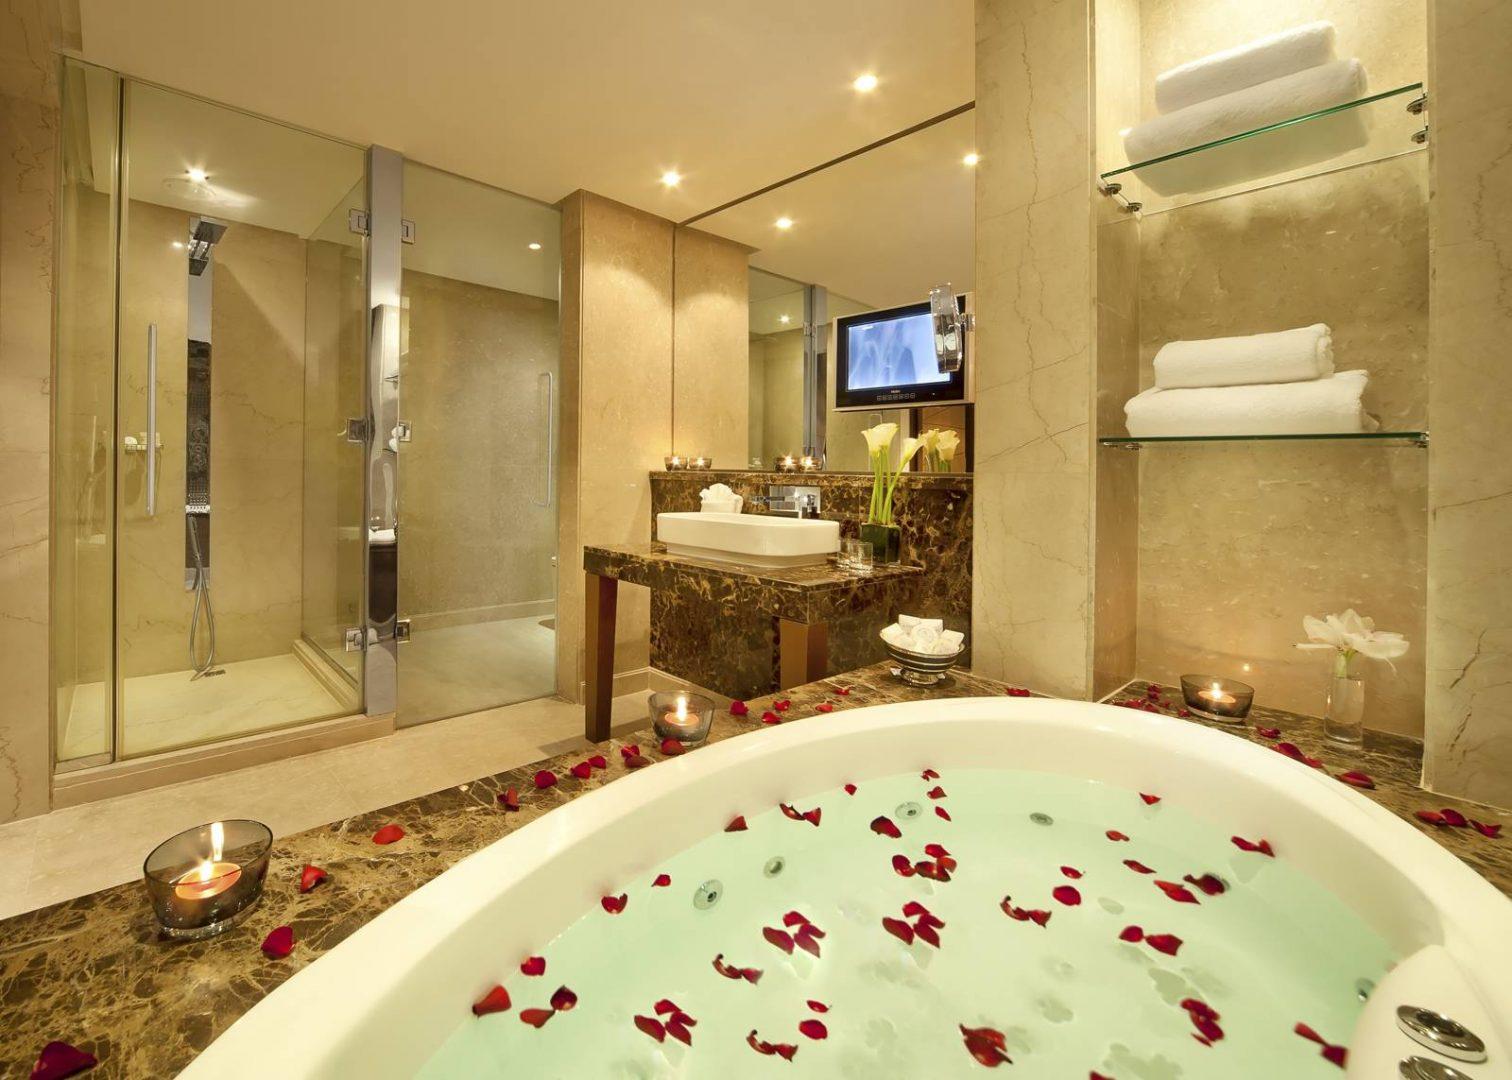 Pétalos de rosas en la bañera :: Imágenes y fotos